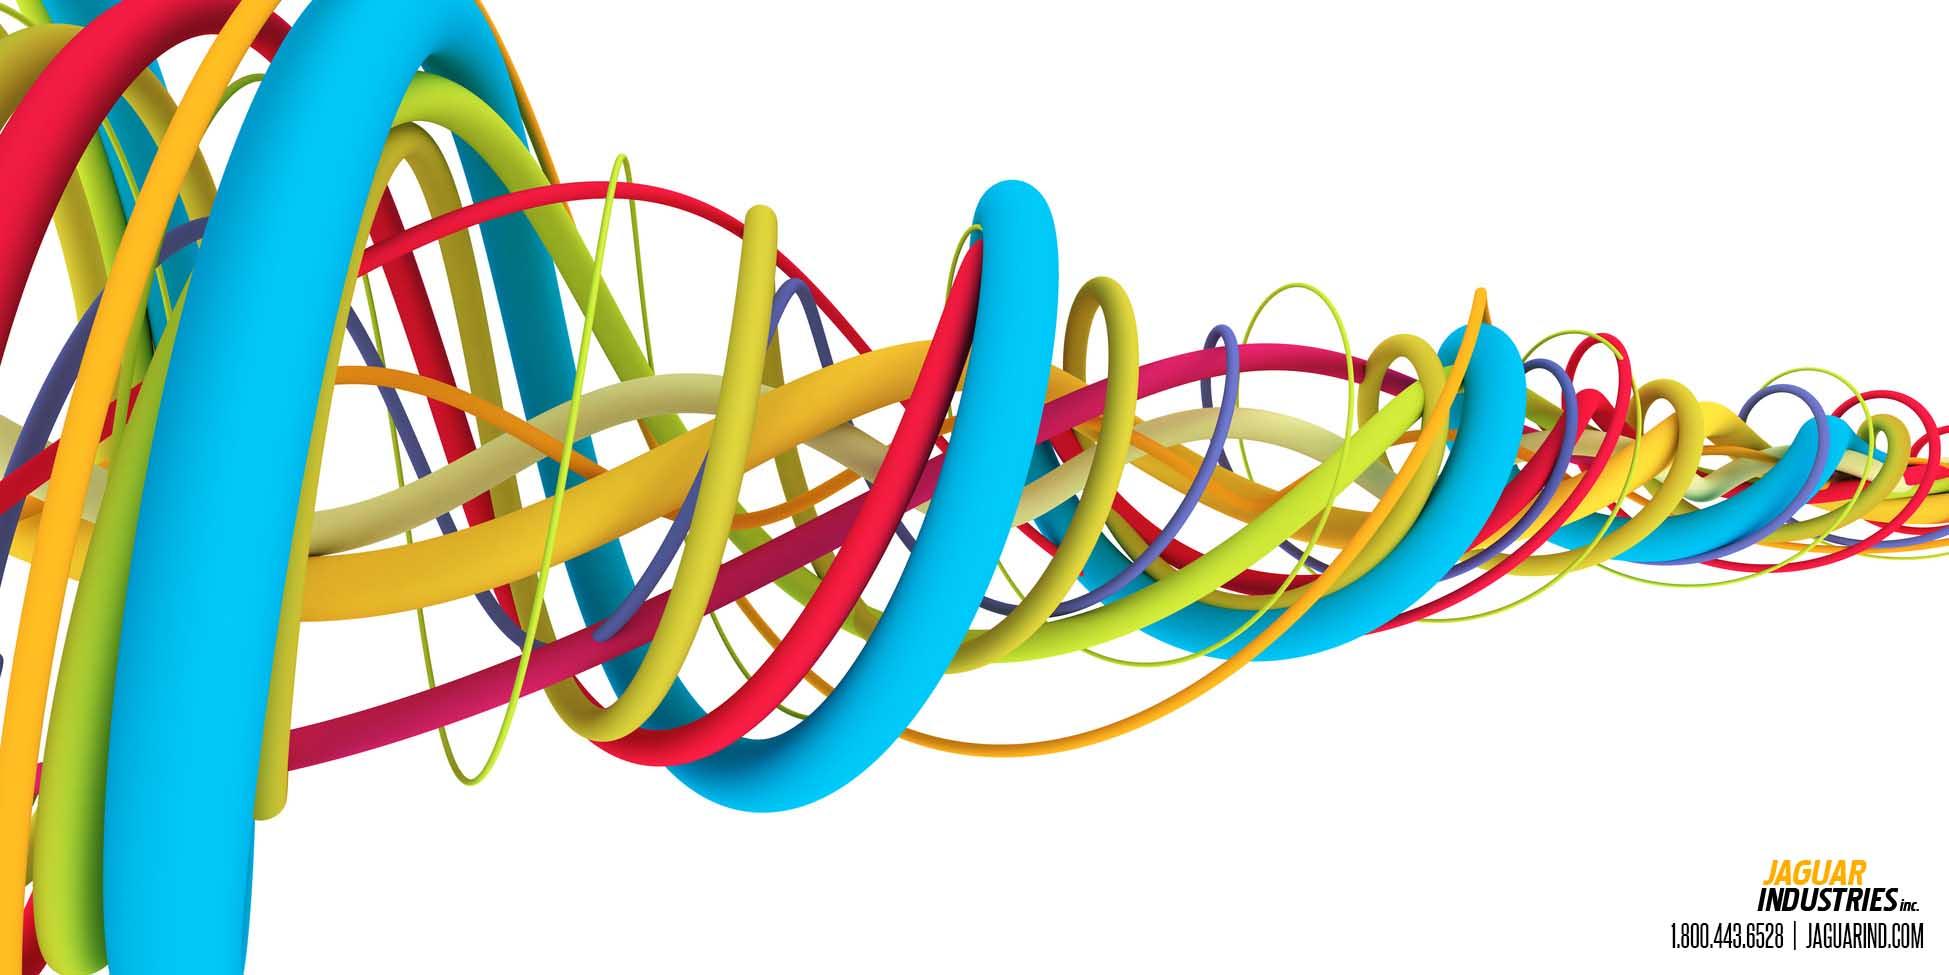 Flexible Wire Jaguar Industries